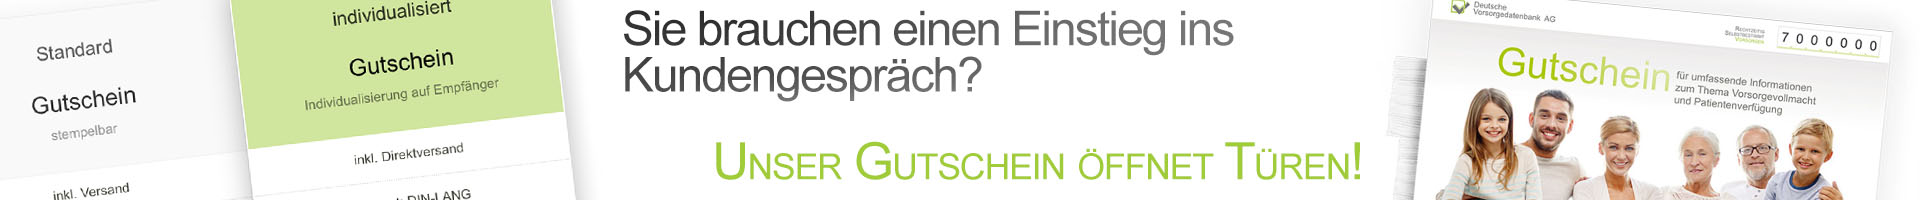 Banner_Gutschein